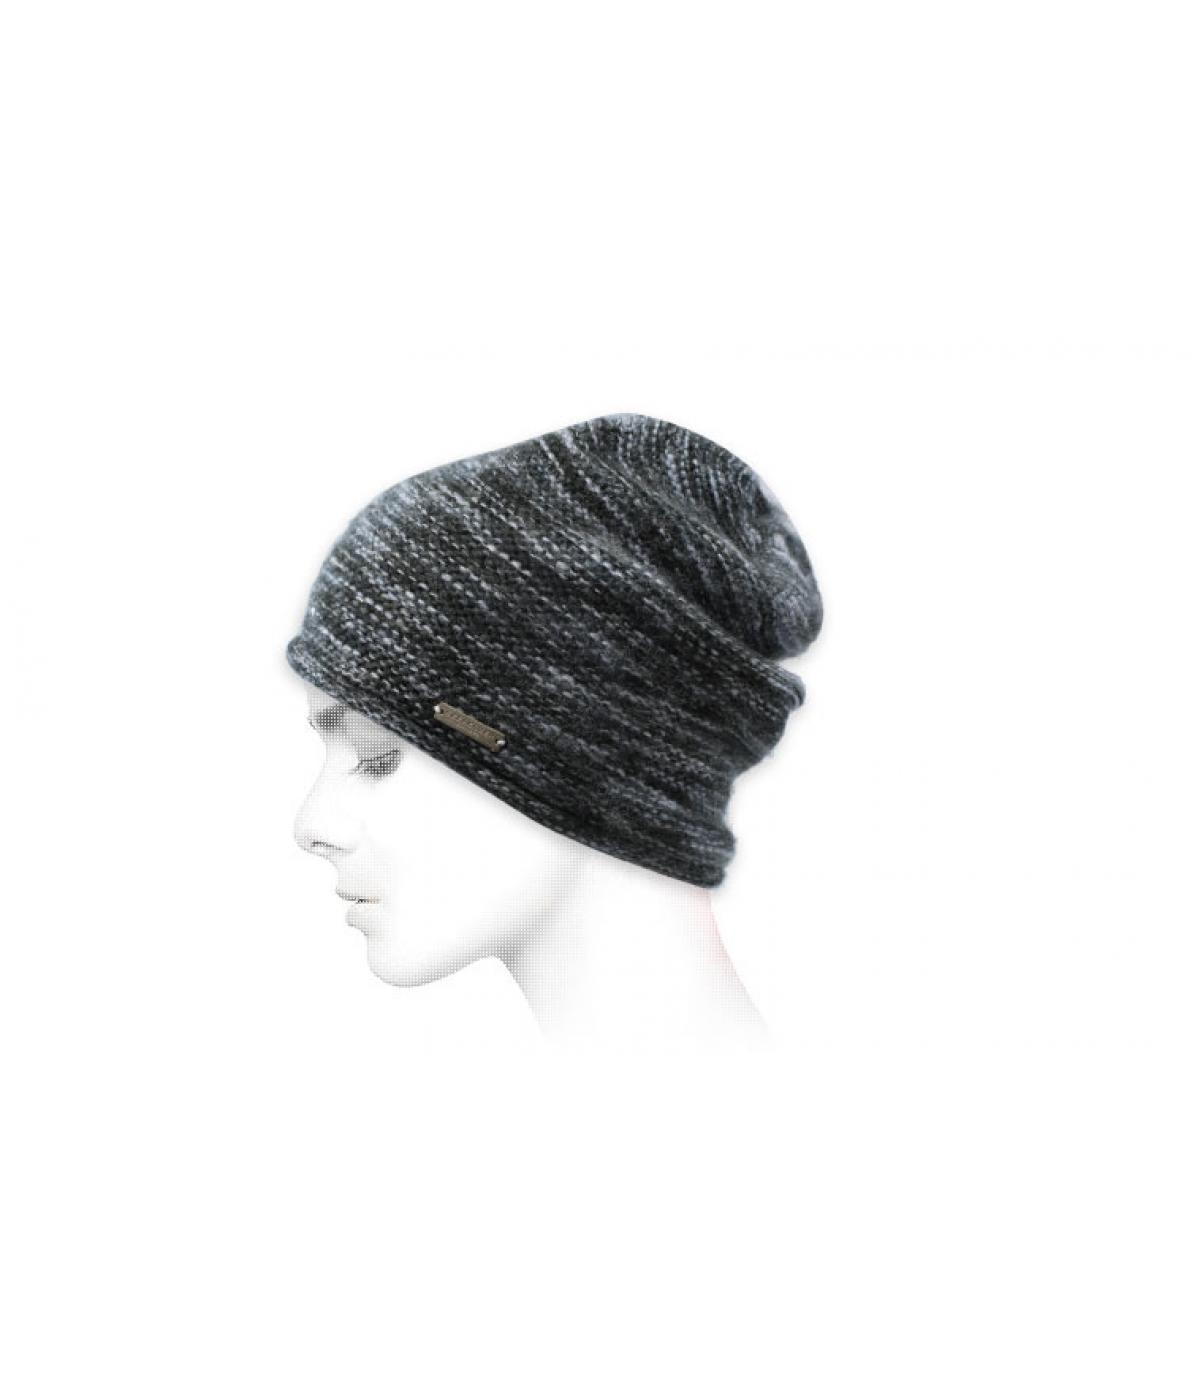 Mütze grau Seeberger